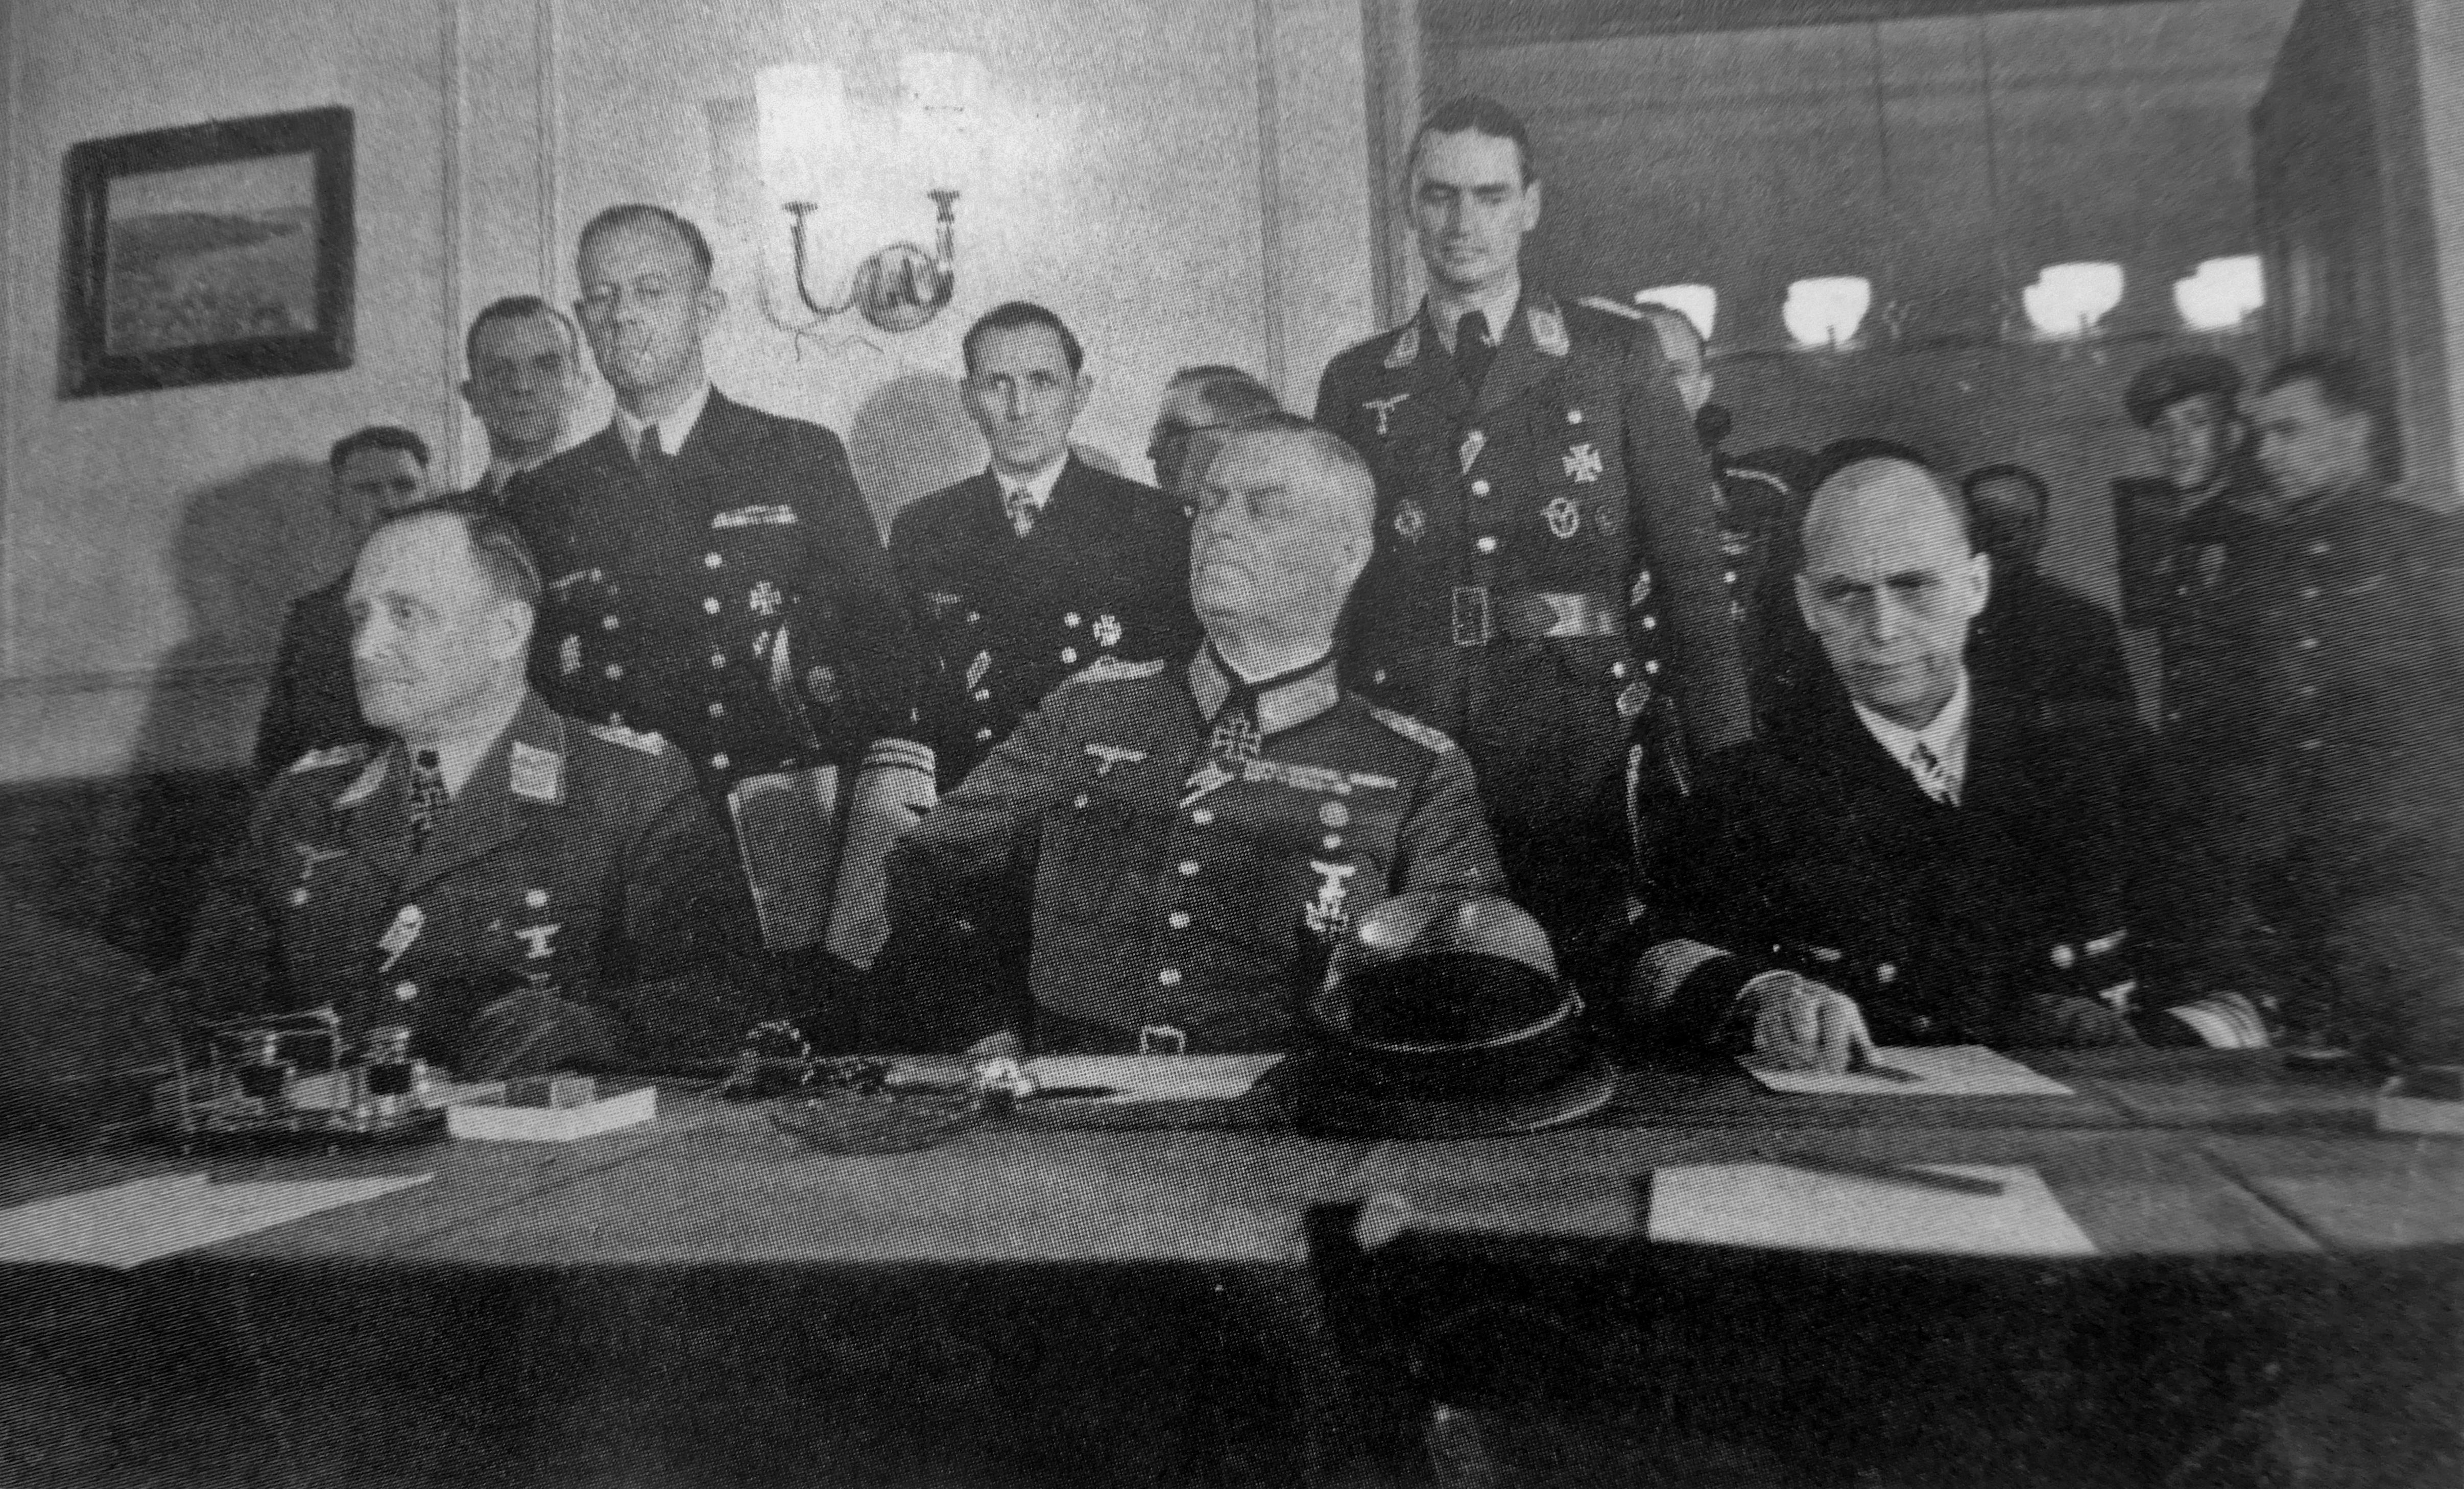 Представители Германии во время подписания Акта о безоговорочной капитуляции [2]